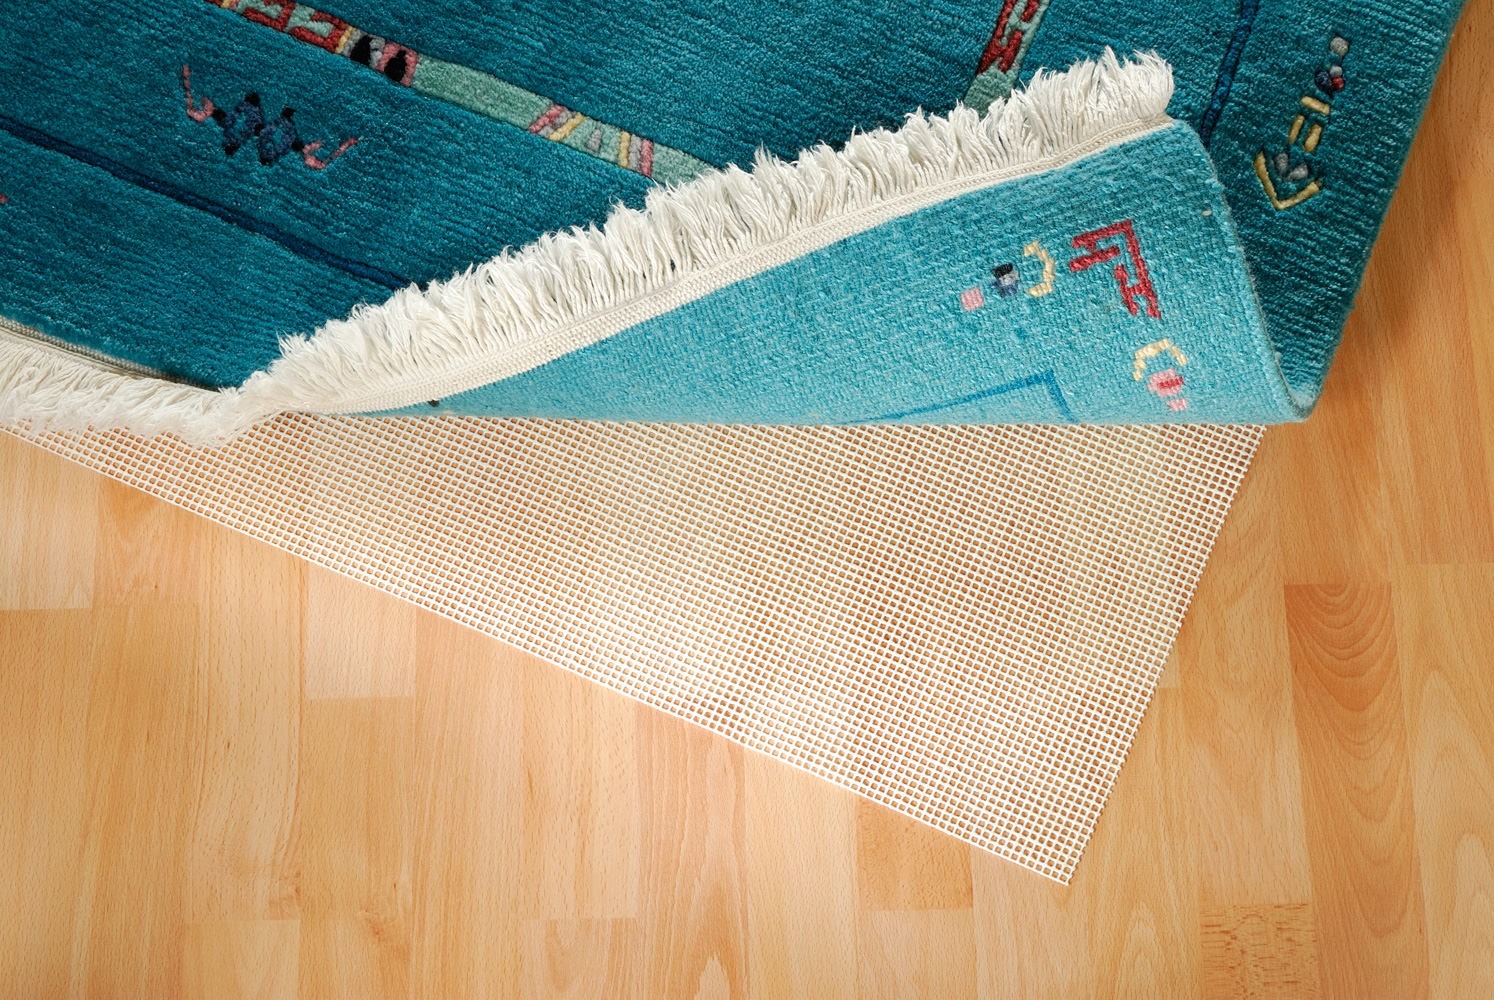 Teppichunterlage Gitter Star breite 120 cm (für glatte Böden)